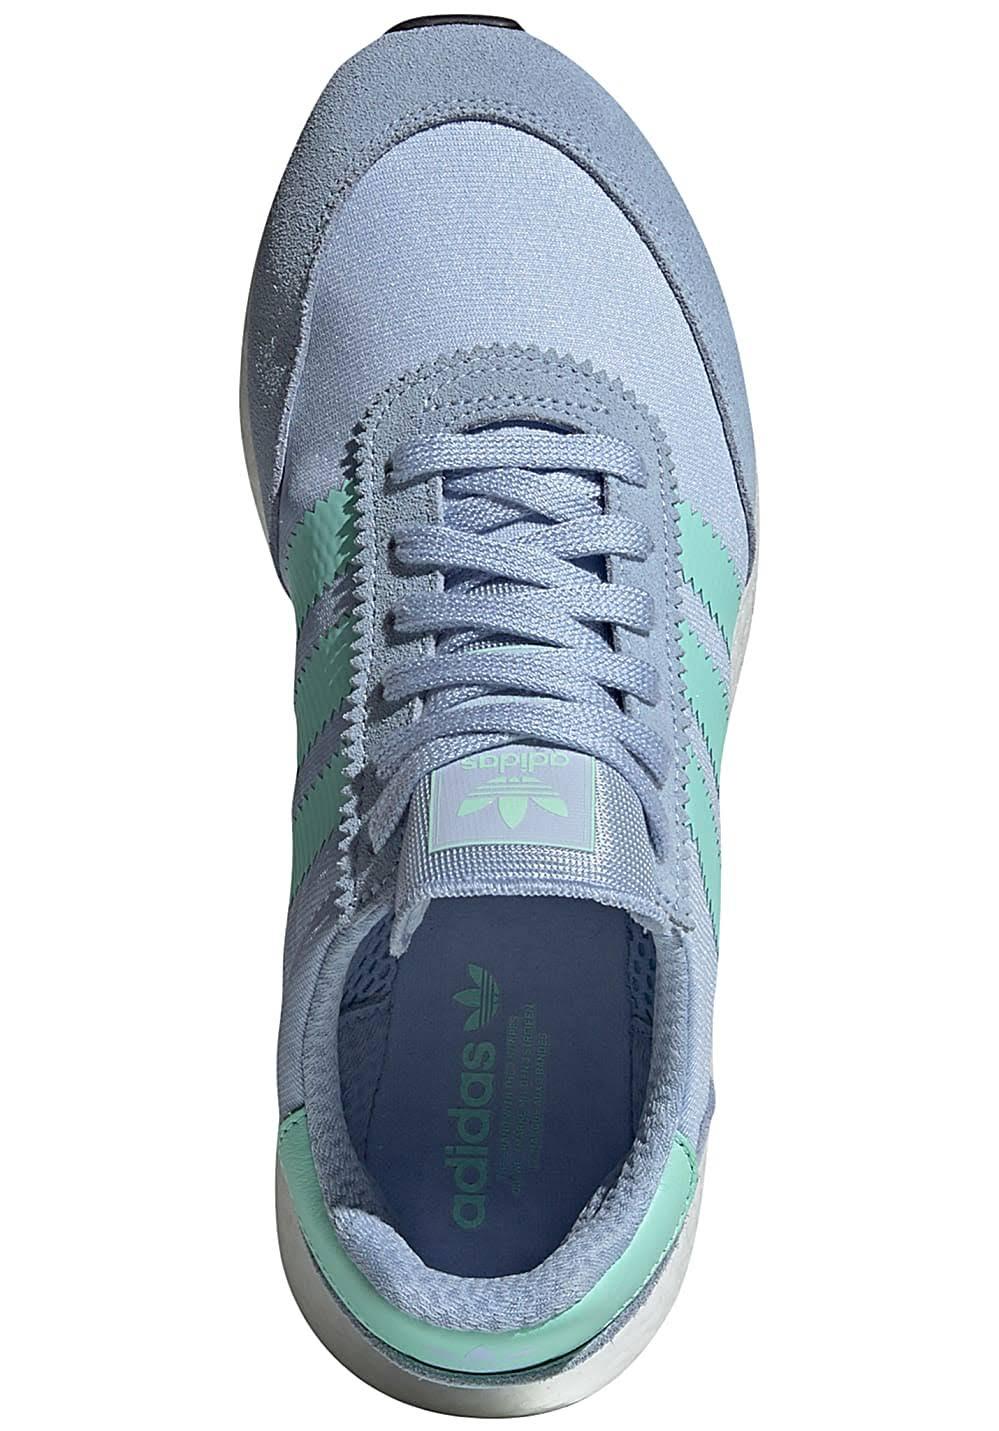 Originals Voor 5923Sneakers Dames Blauw I MintgroenLichtlila Adidas TKc1lFJ